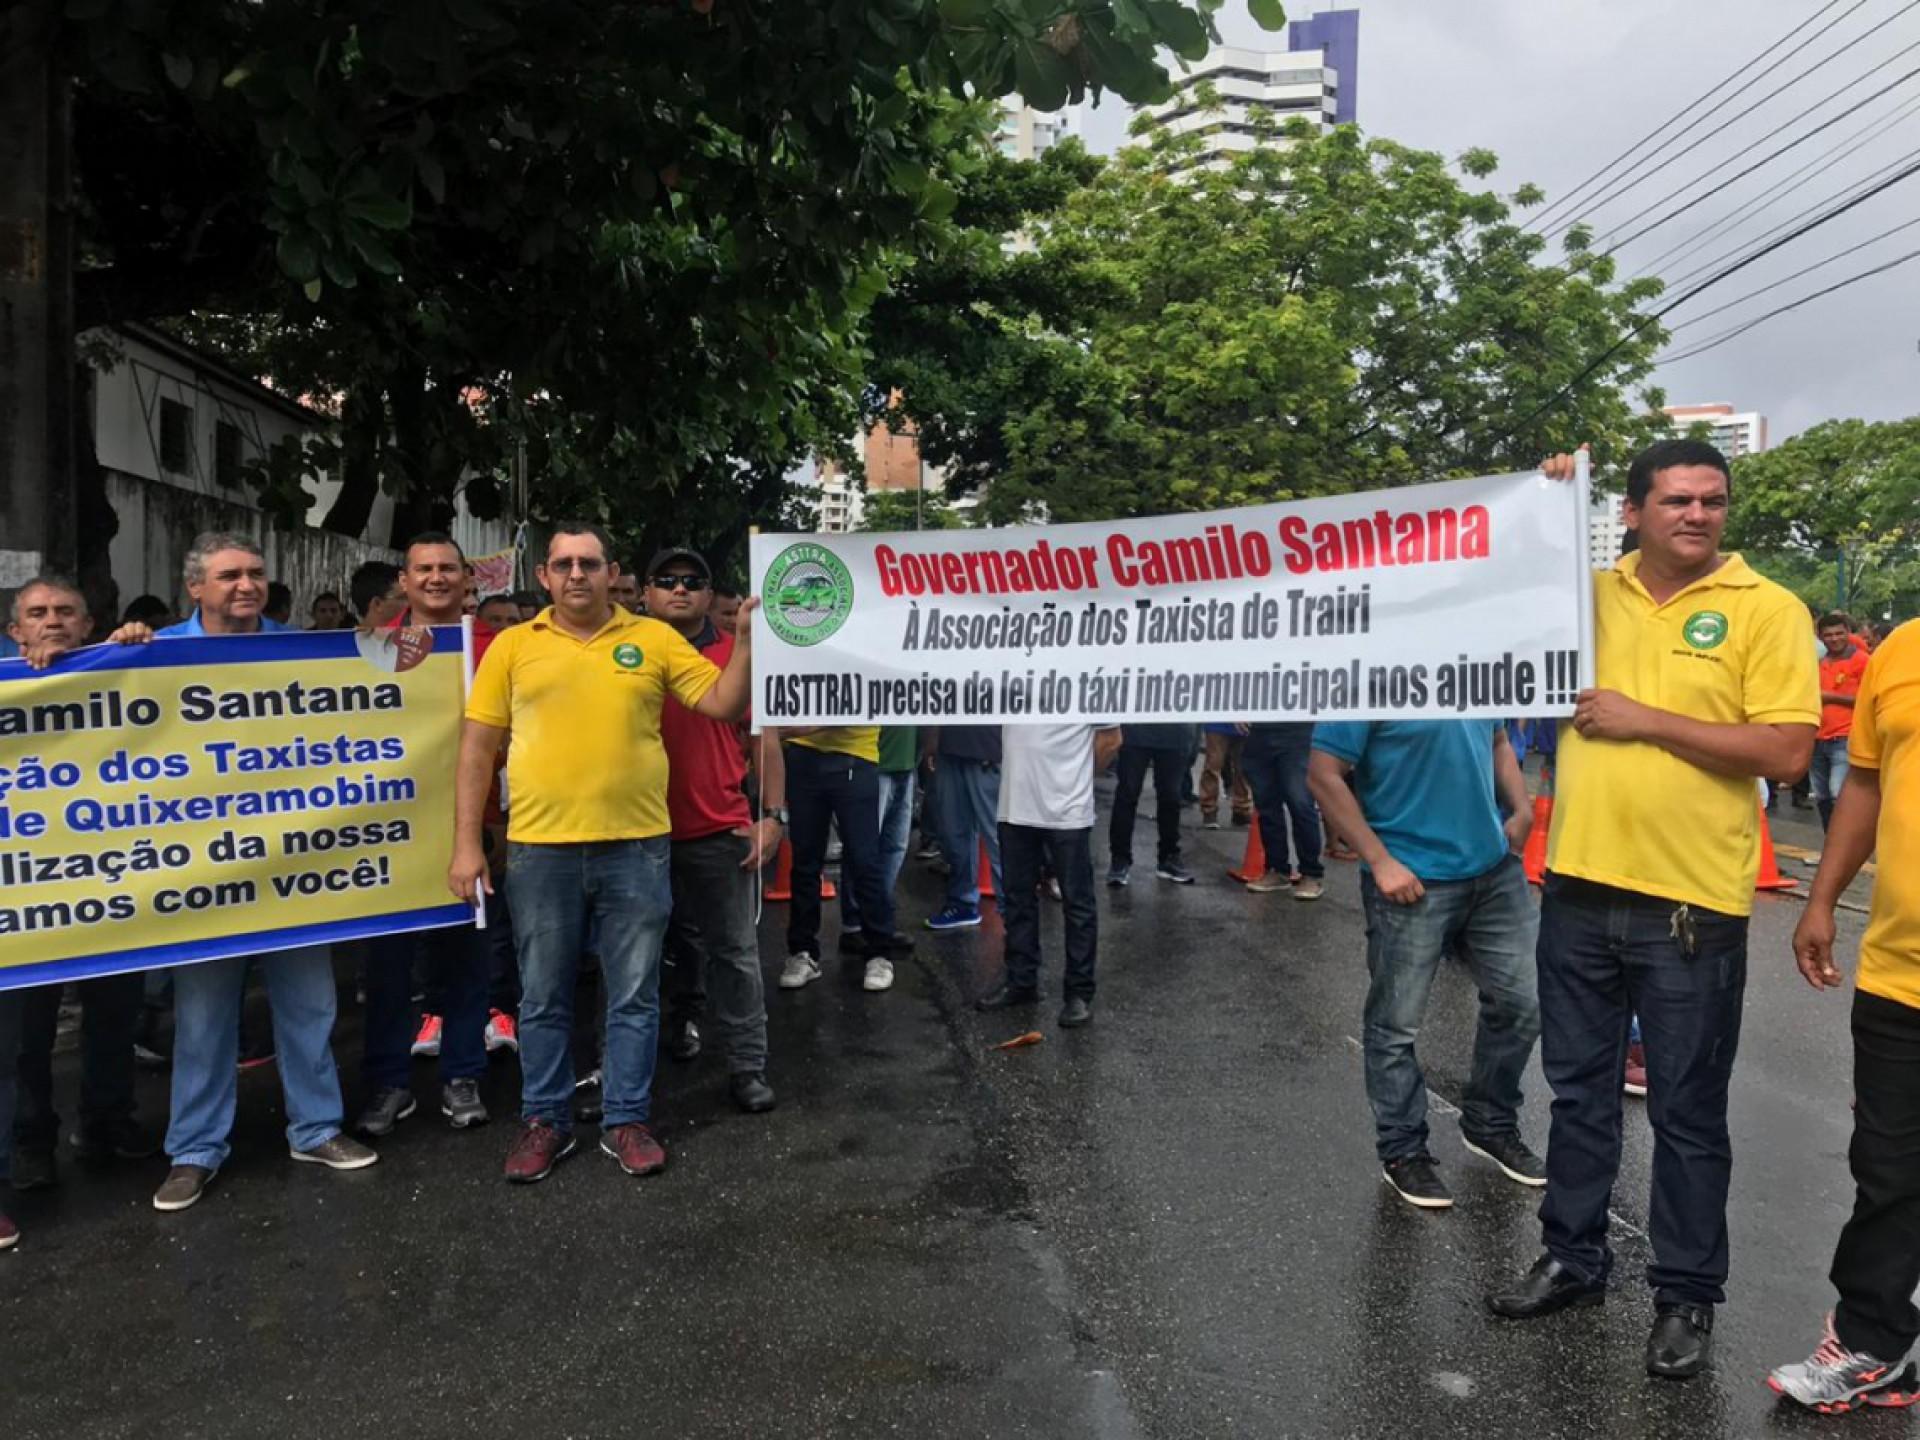 Protesto na via (Foto: Reprodução)